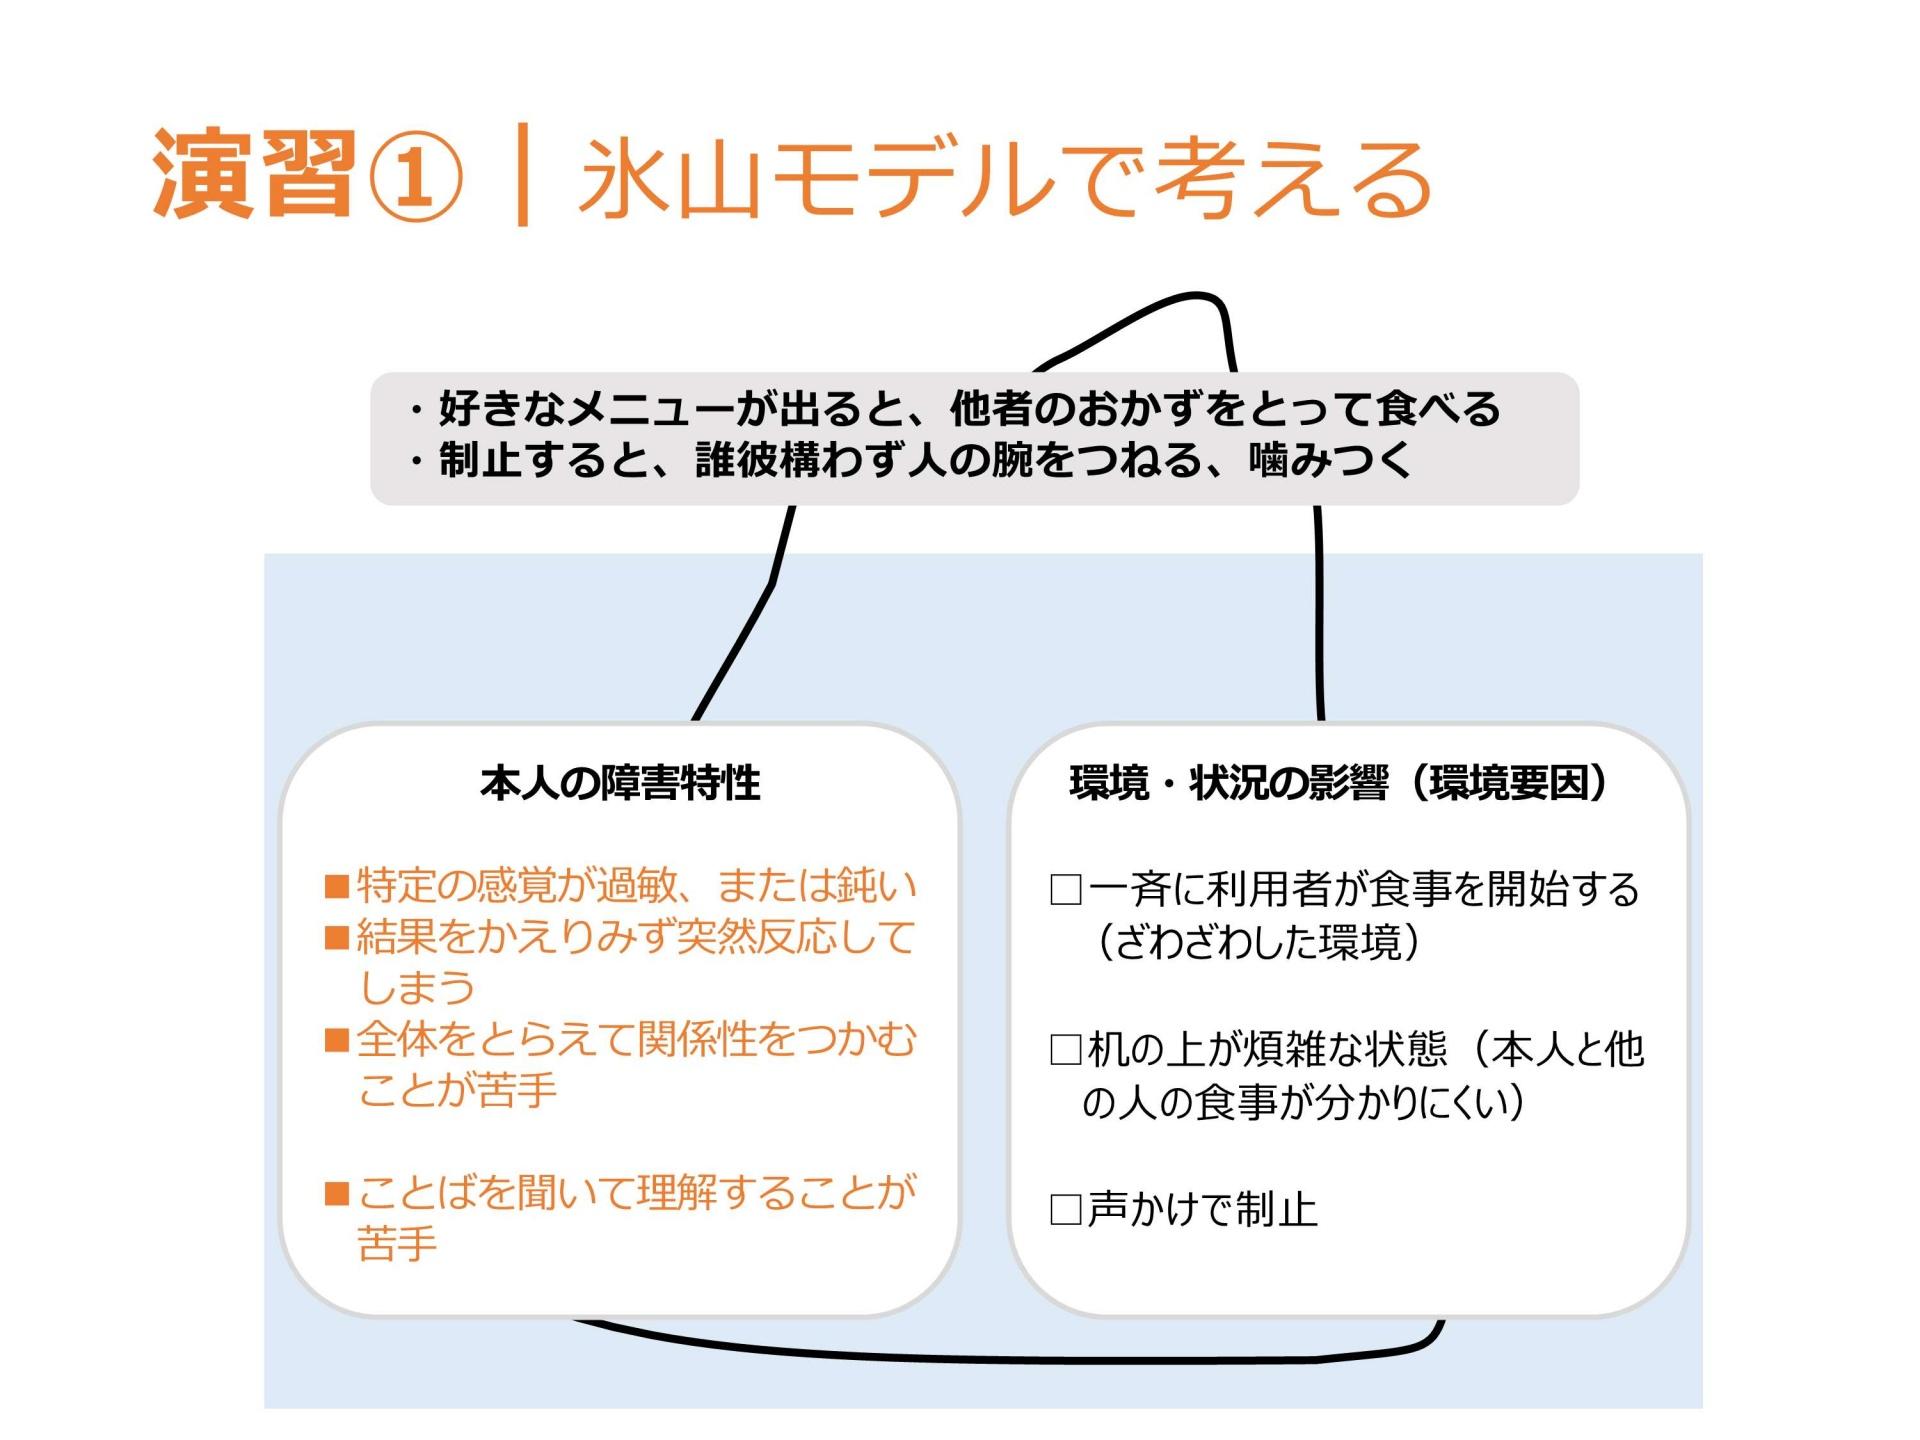 04-1障がい特性とプランニングⅠ(表示用)_1